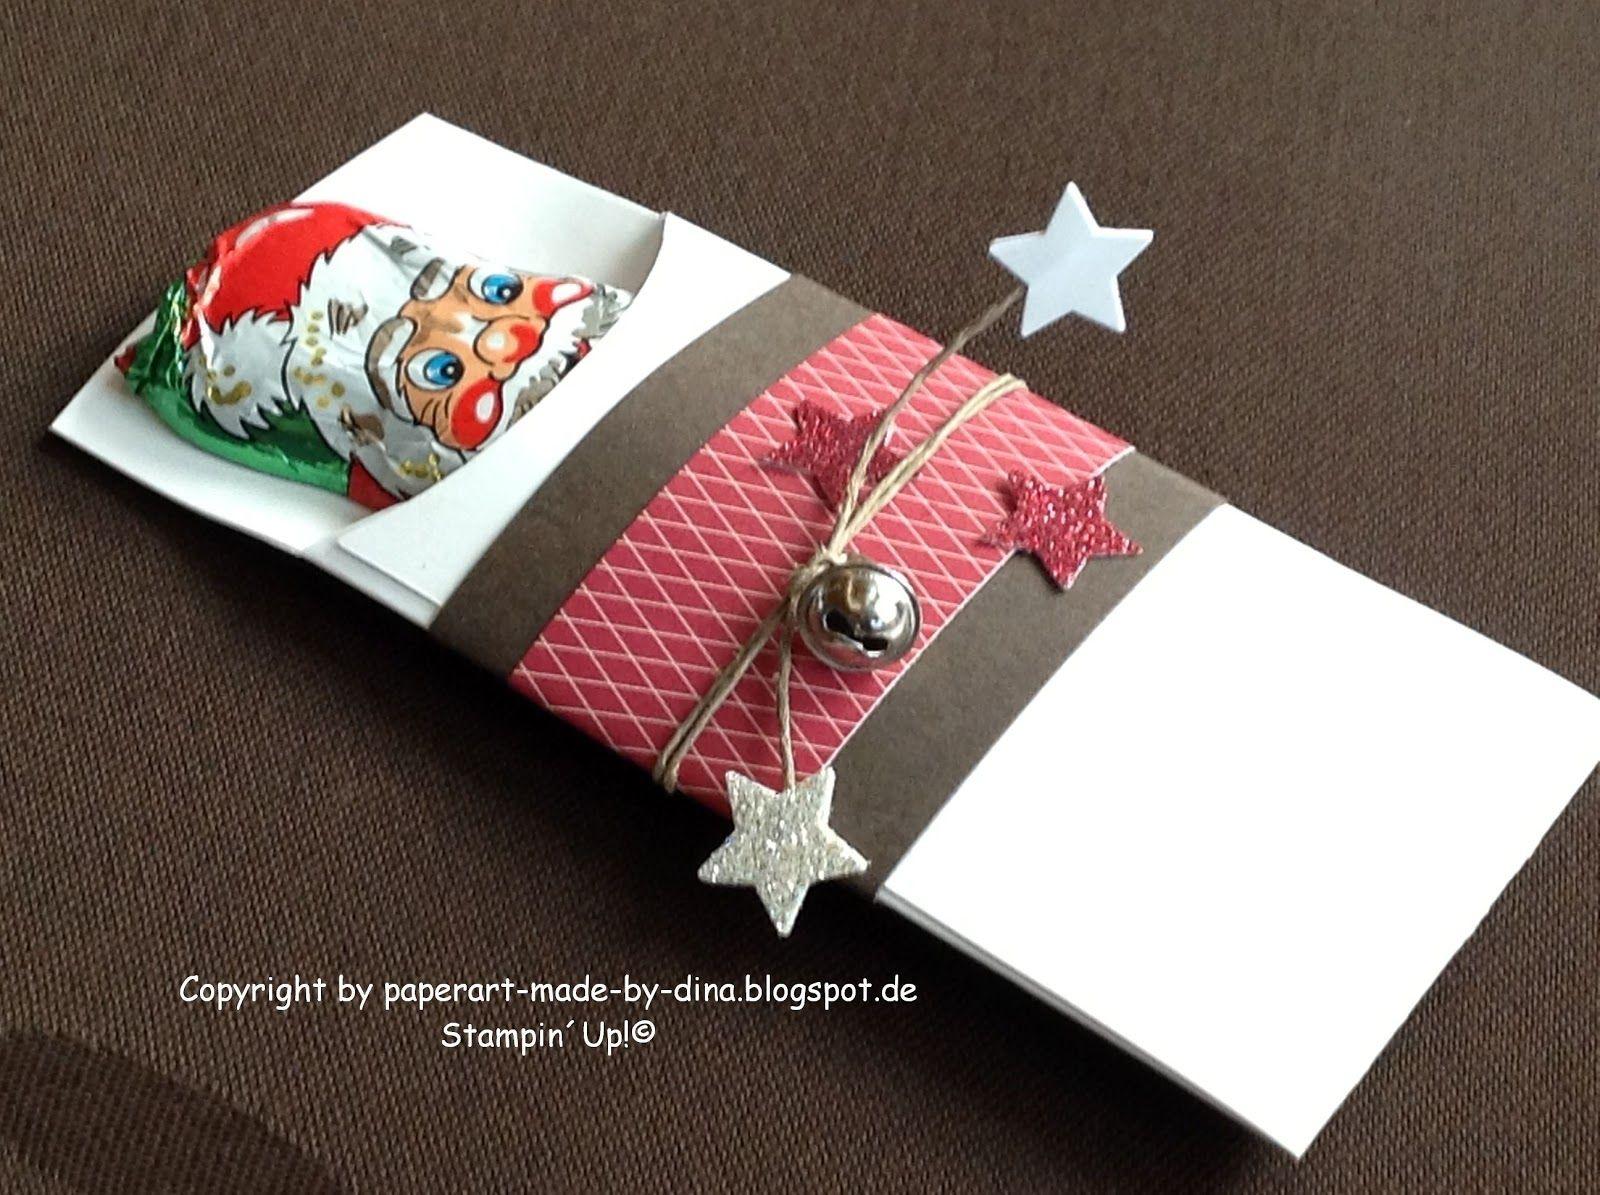 sch nes aus papier handgemacht kleine geschenke geschenke pinterest cards xmas and box. Black Bedroom Furniture Sets. Home Design Ideas